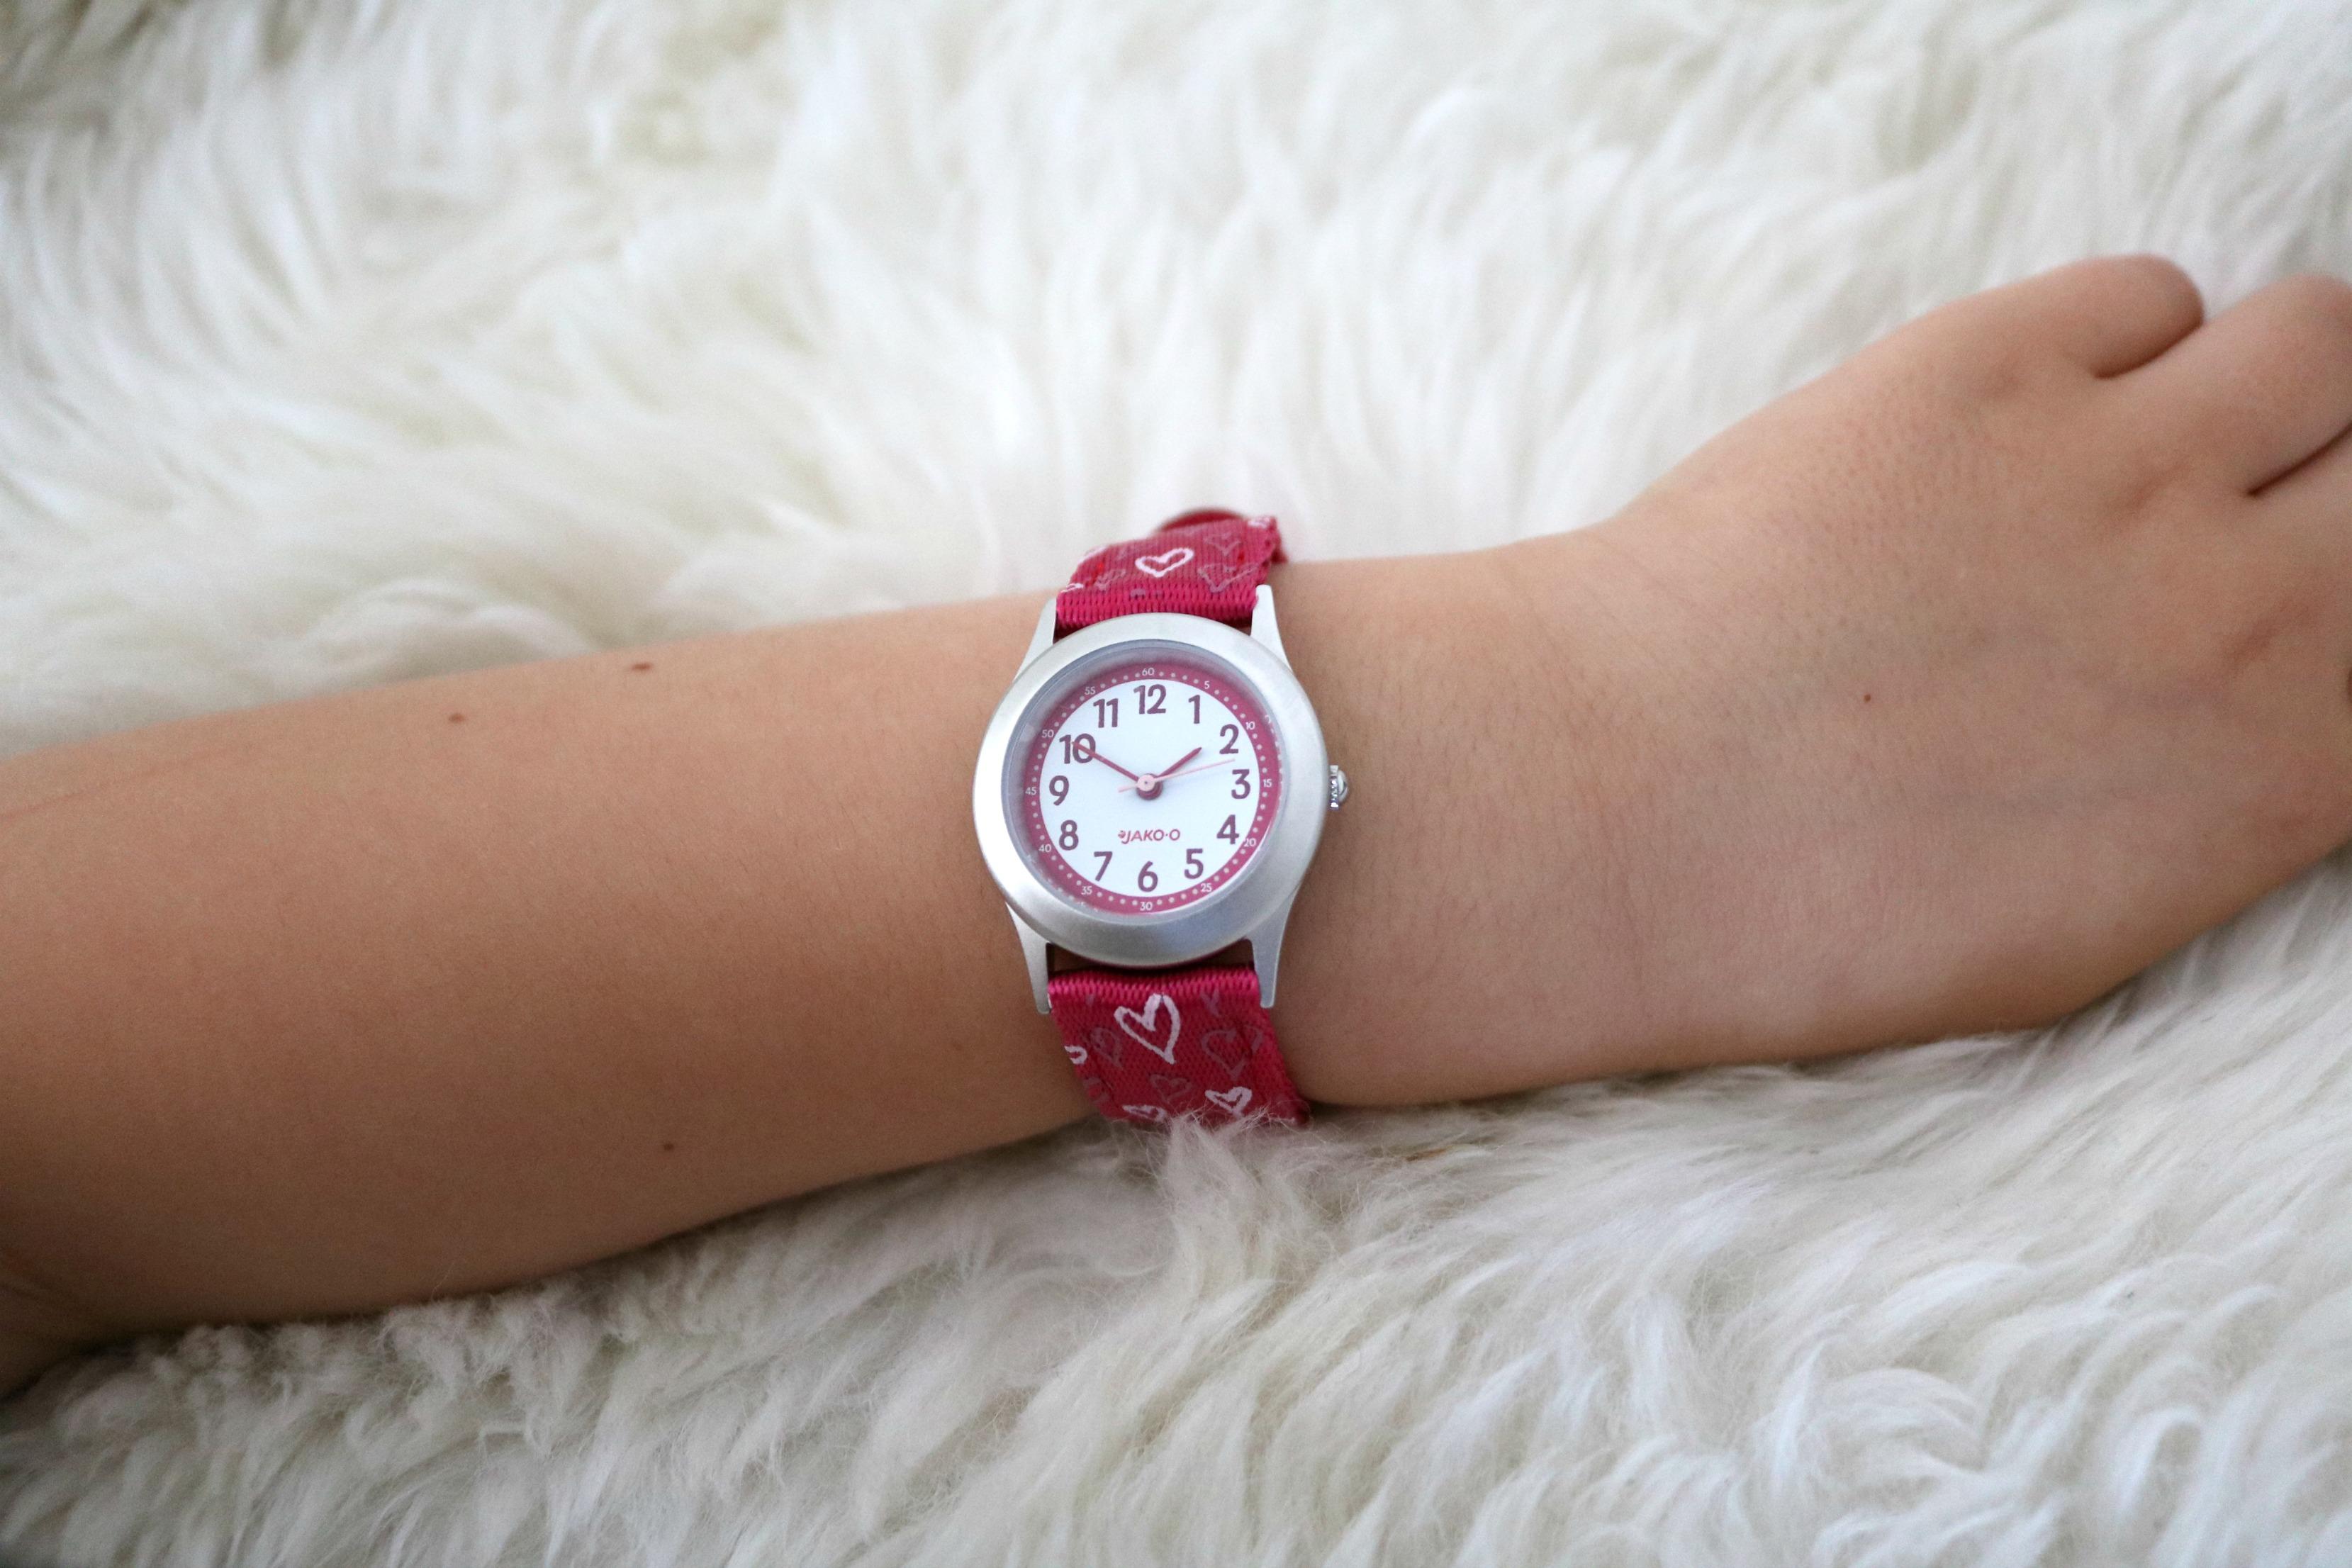 Armbanduhr am arm  LifestyleMommy: Kids - die Uhr lesen lernen, Tipps und Tricks